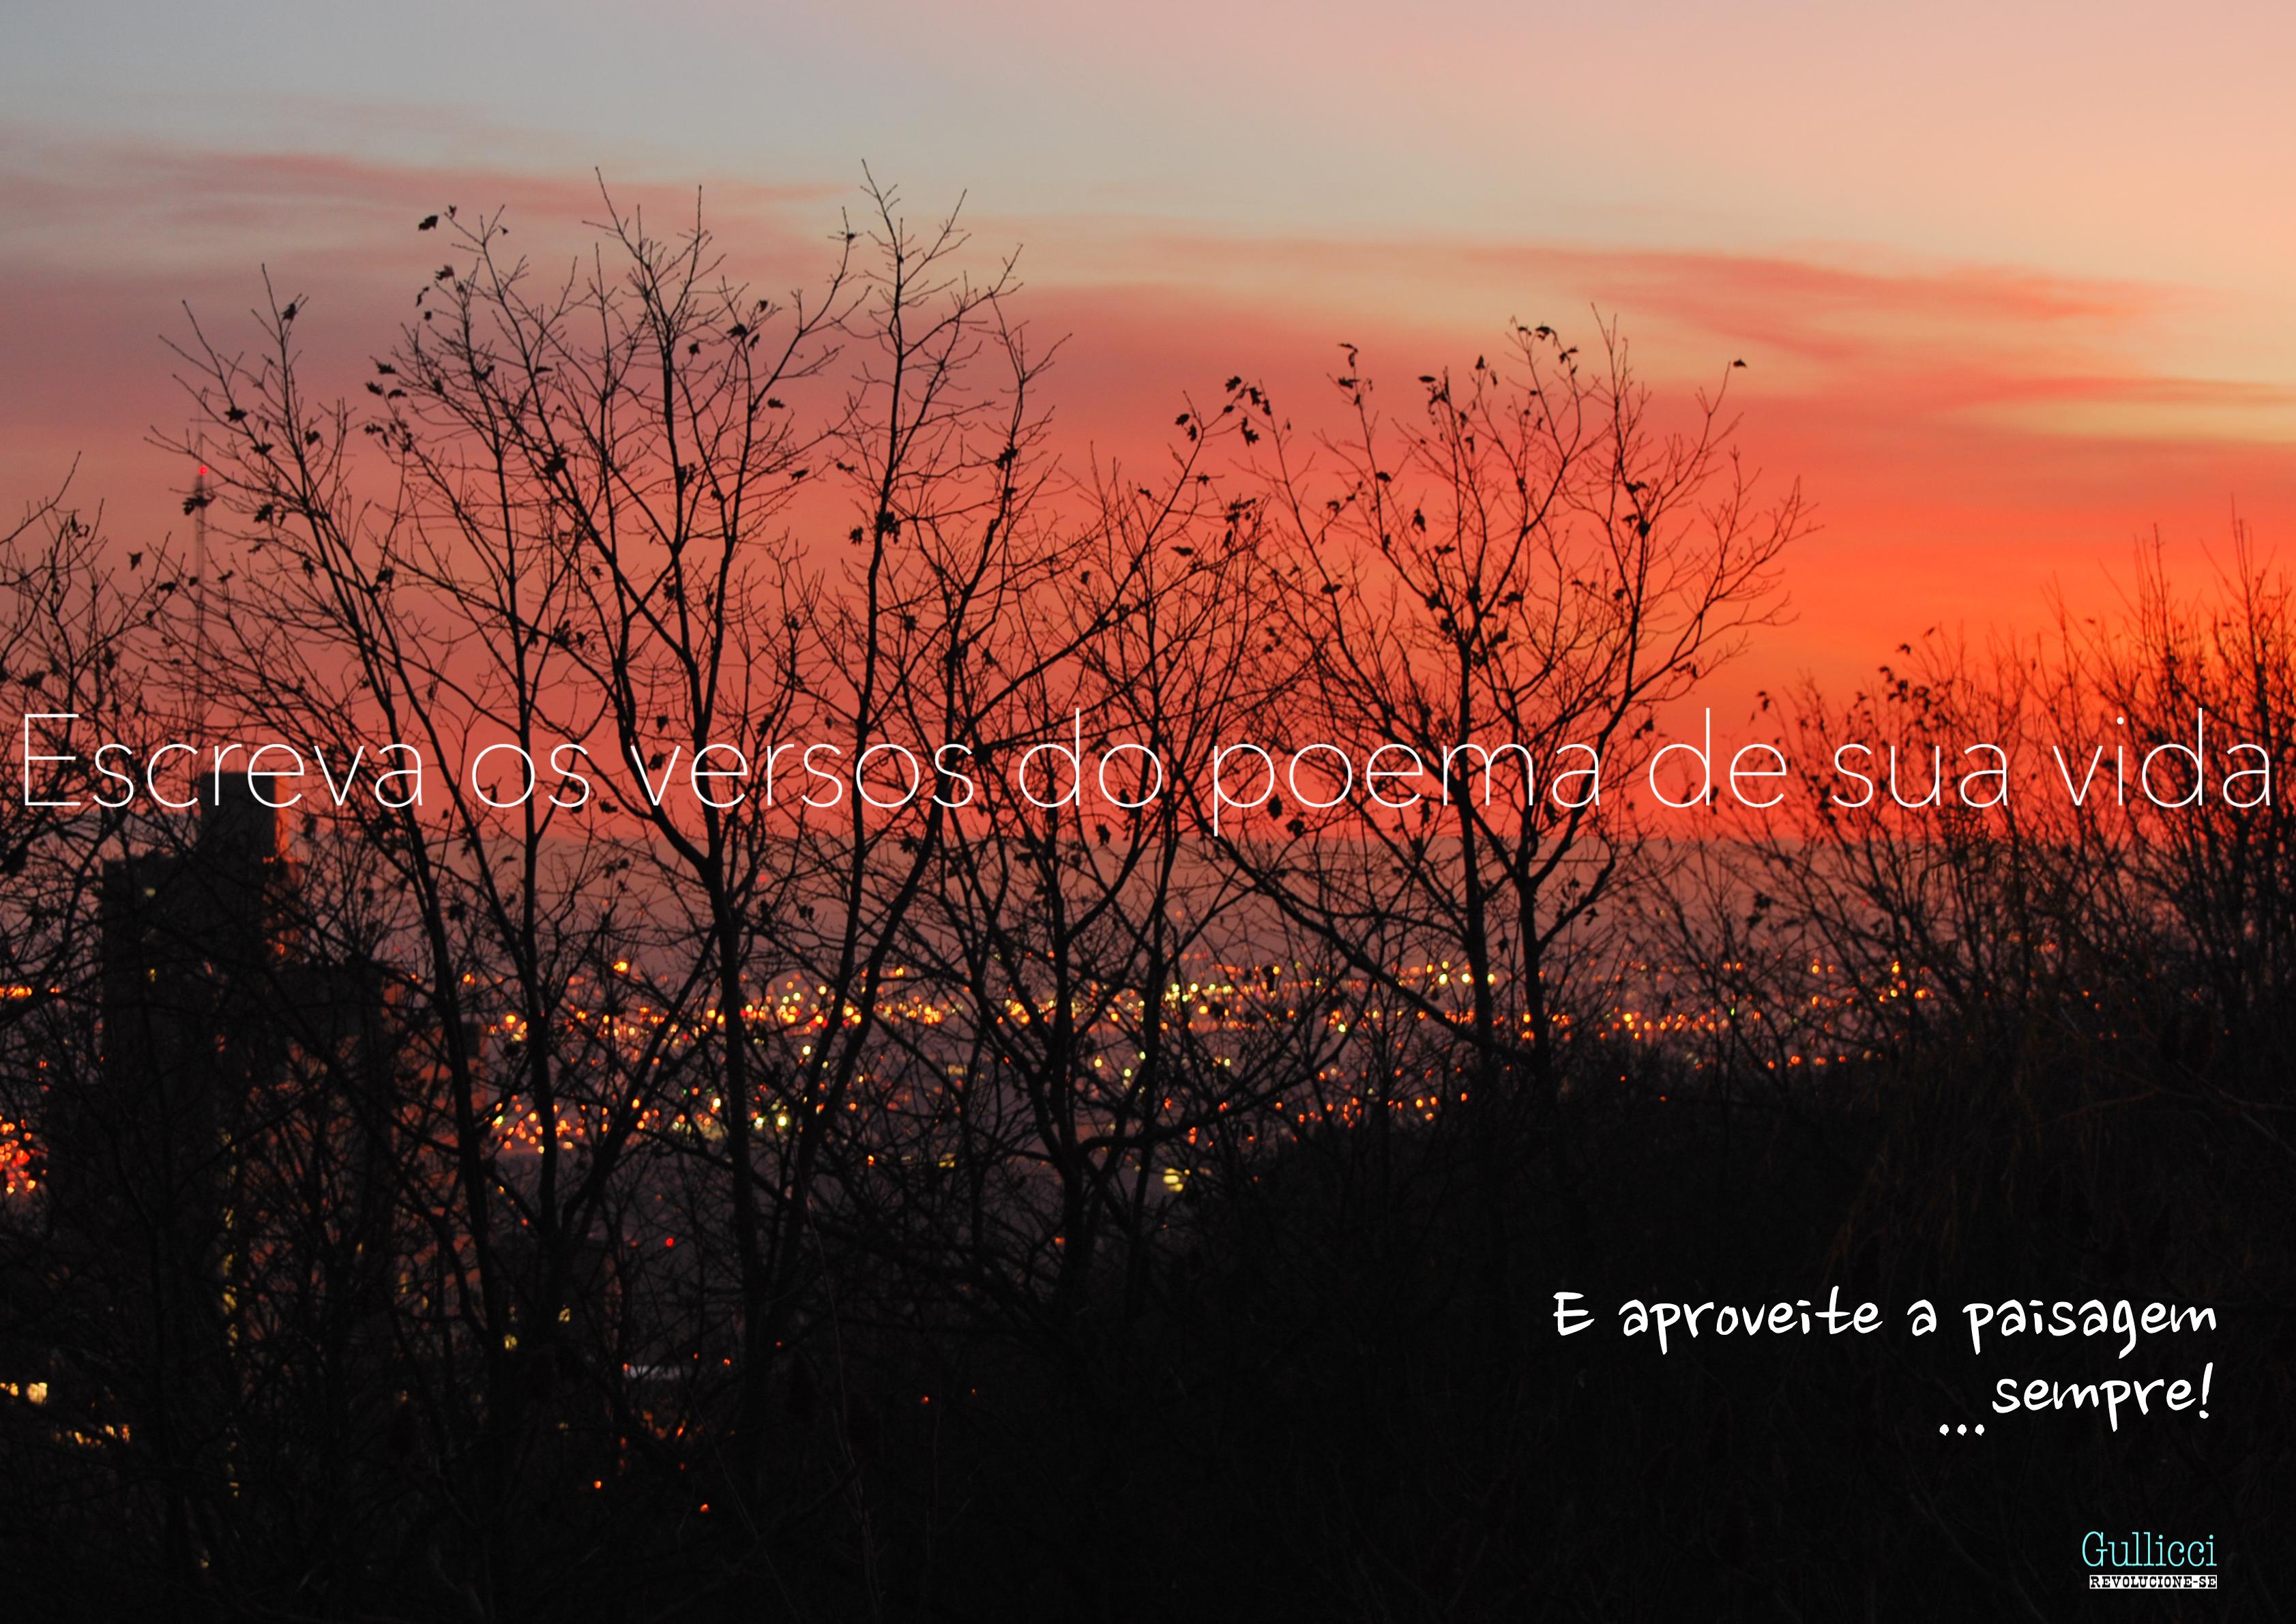 Reversos  Pra mais poesias, visite: meubolsoesquerdo.blogspot.com